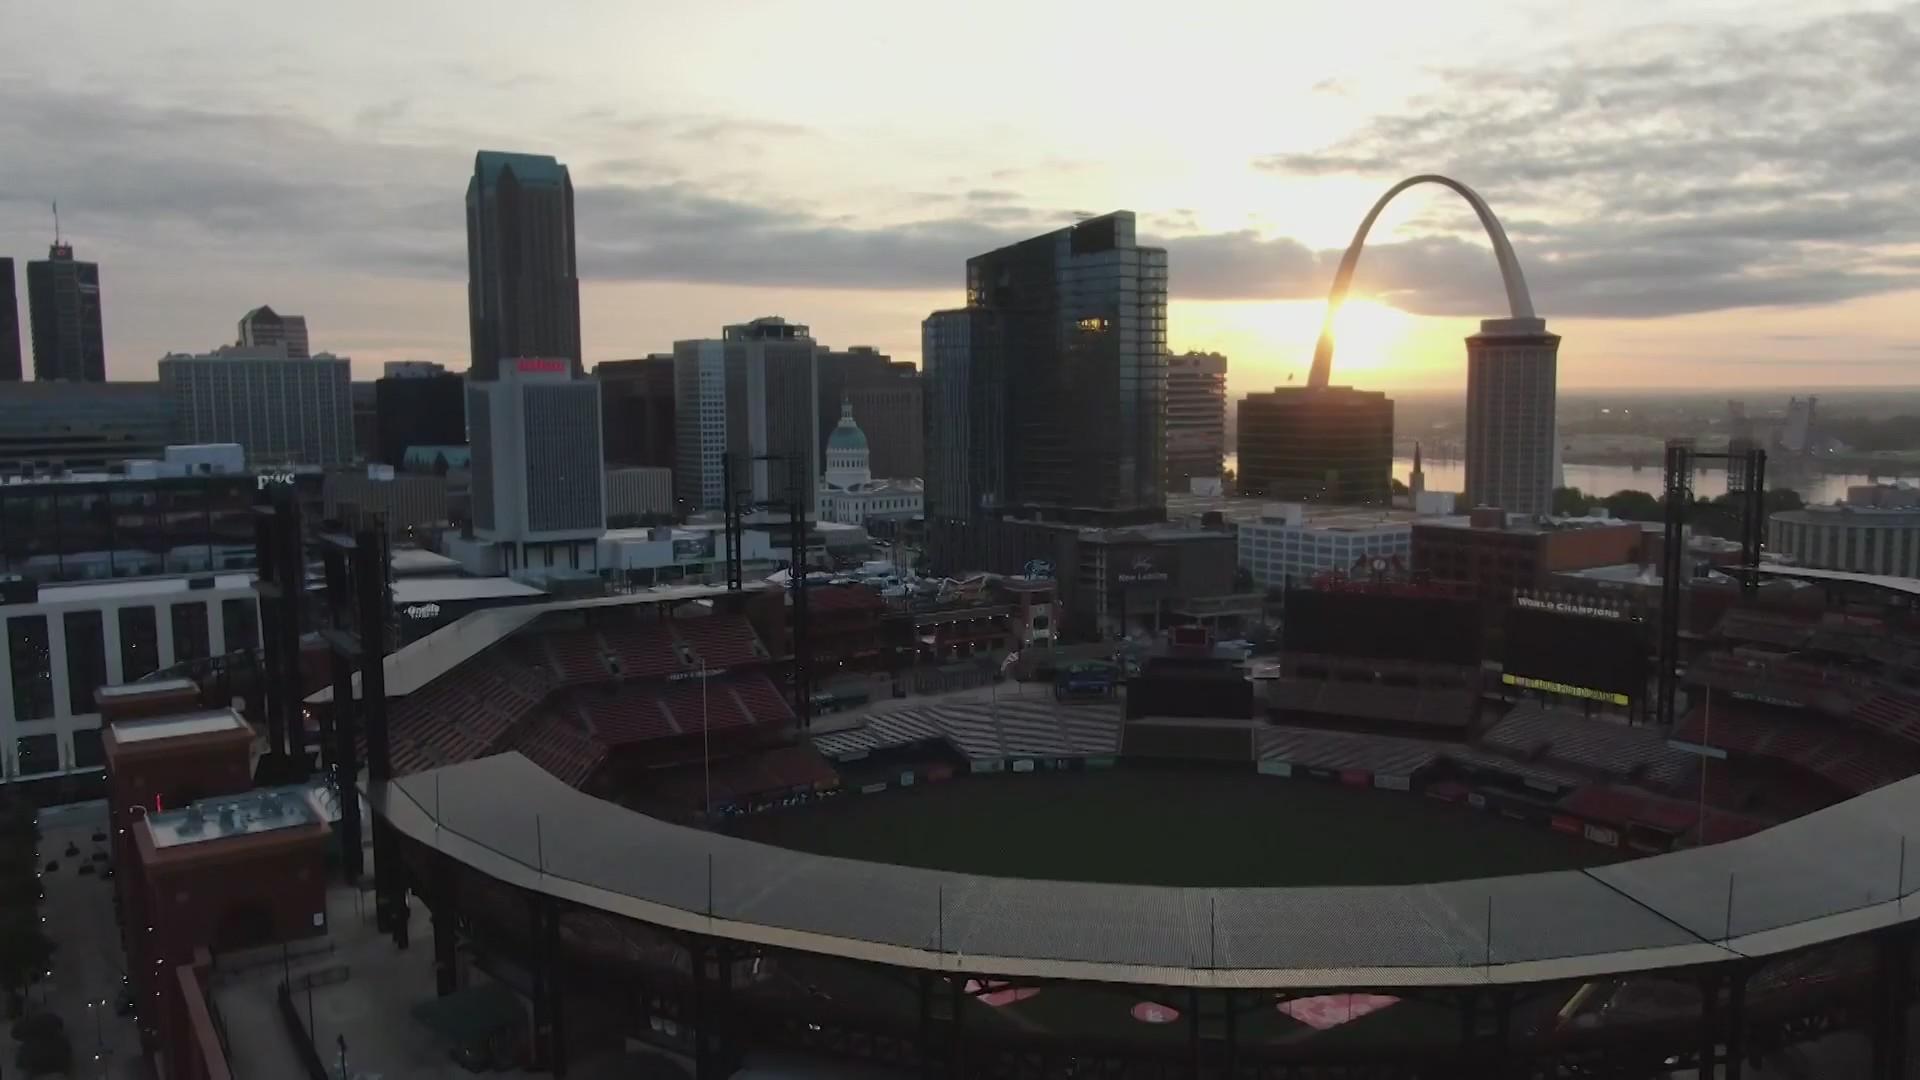 Arch Saint Louis St. Louis